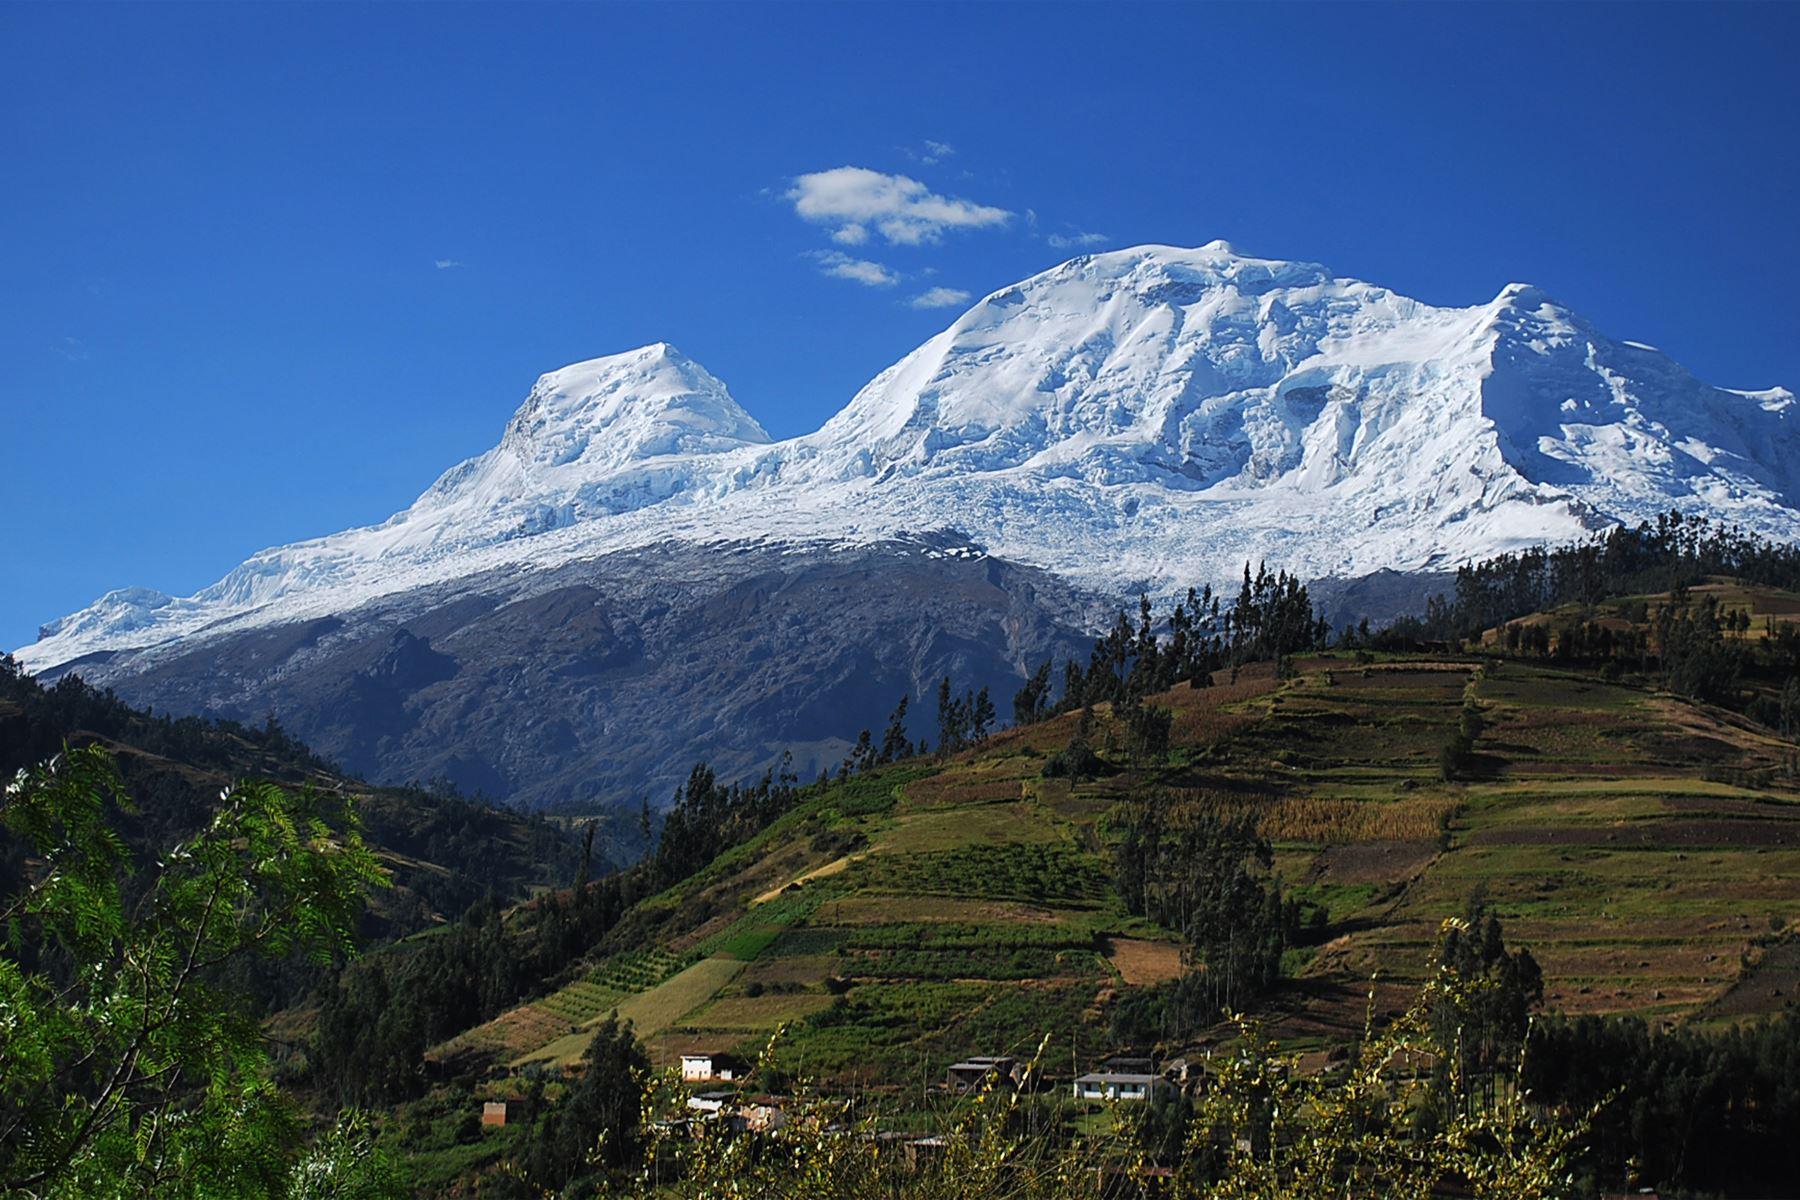 Montaña nevada tropical más alta del mundo, el Huascarán, de 6.768 msnm, en la región Ancash. Foto: AFP